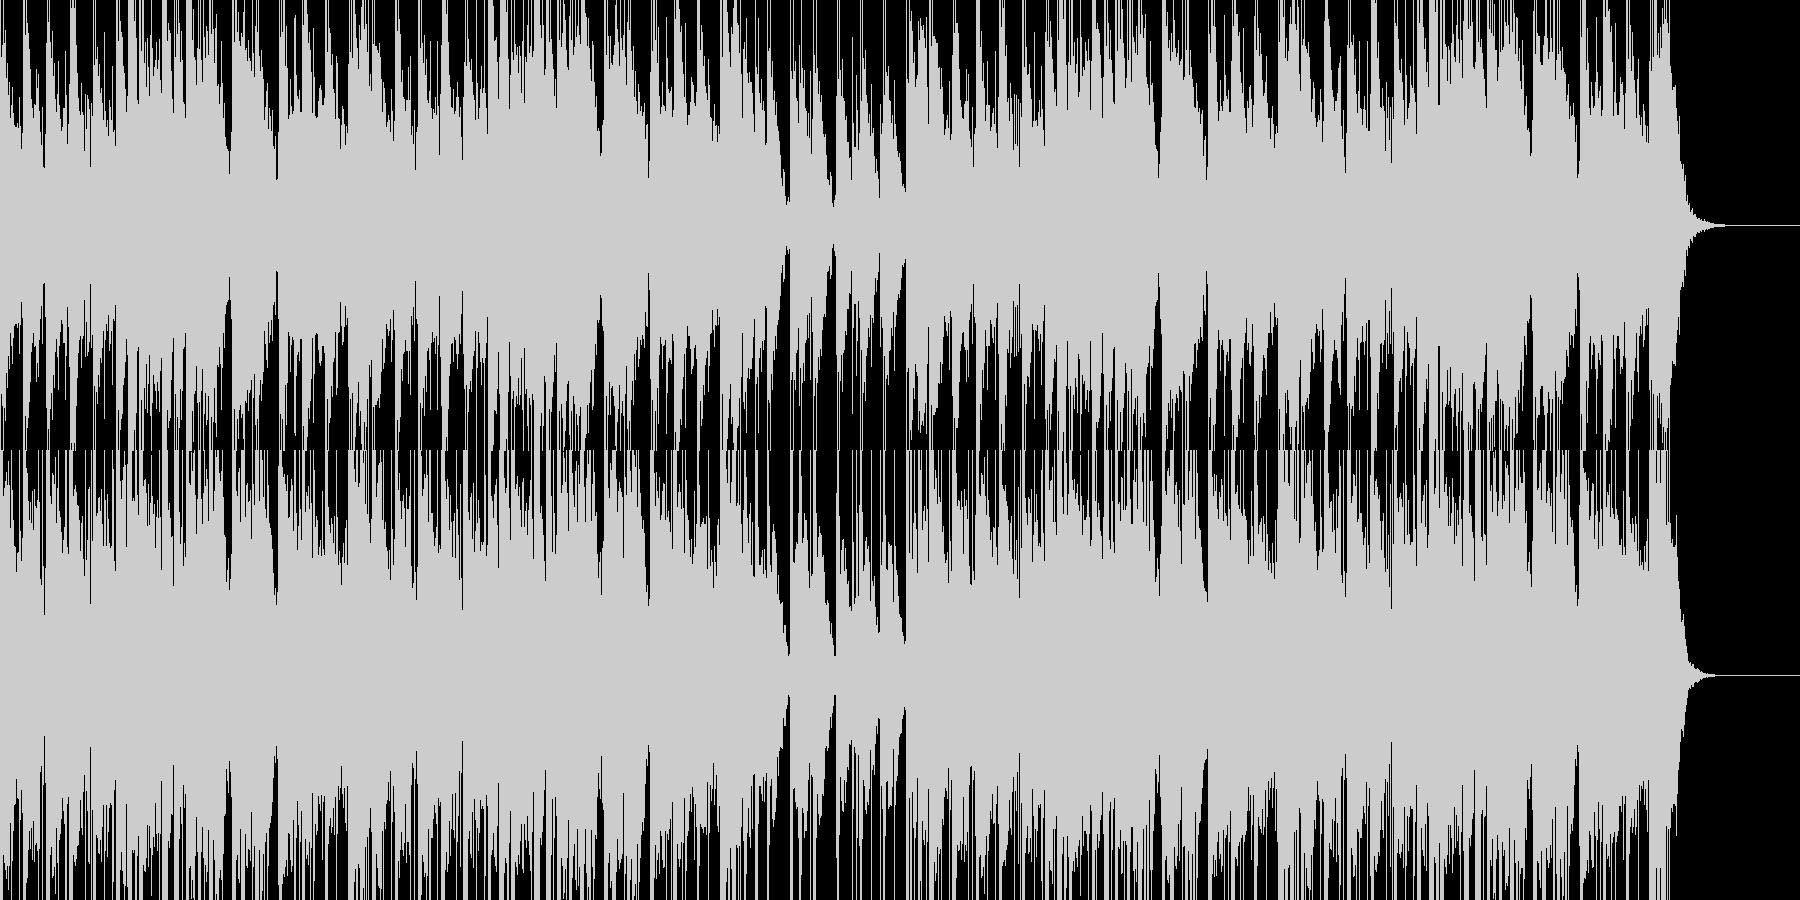 和風、お祭り、お囃子のBGMの未再生の波形